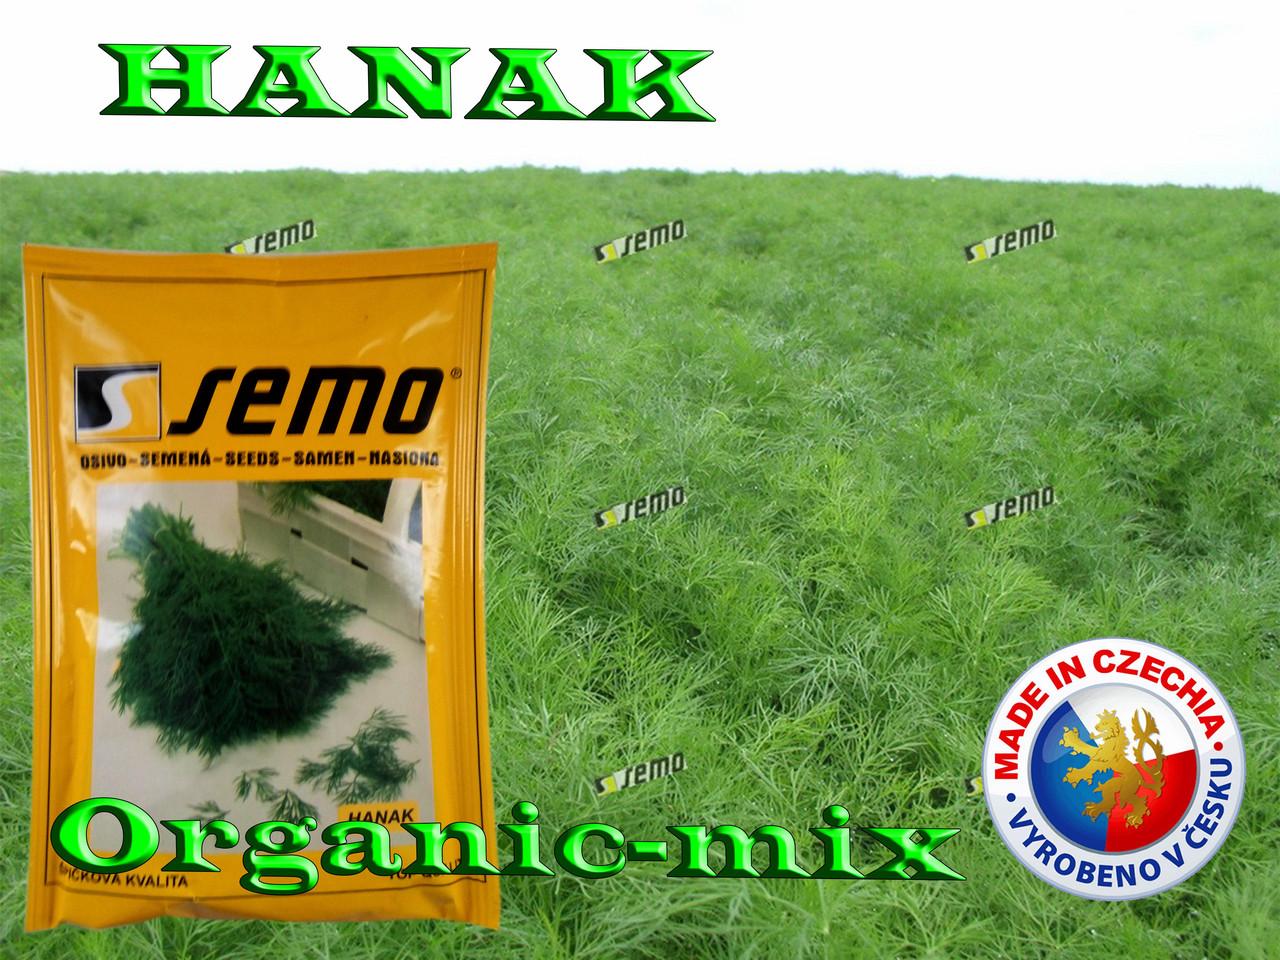 Семена, Укроп ранний, ГАНАК /HANAK, 50 грамм фермерский проф. пакет, SEMO (Чехия)